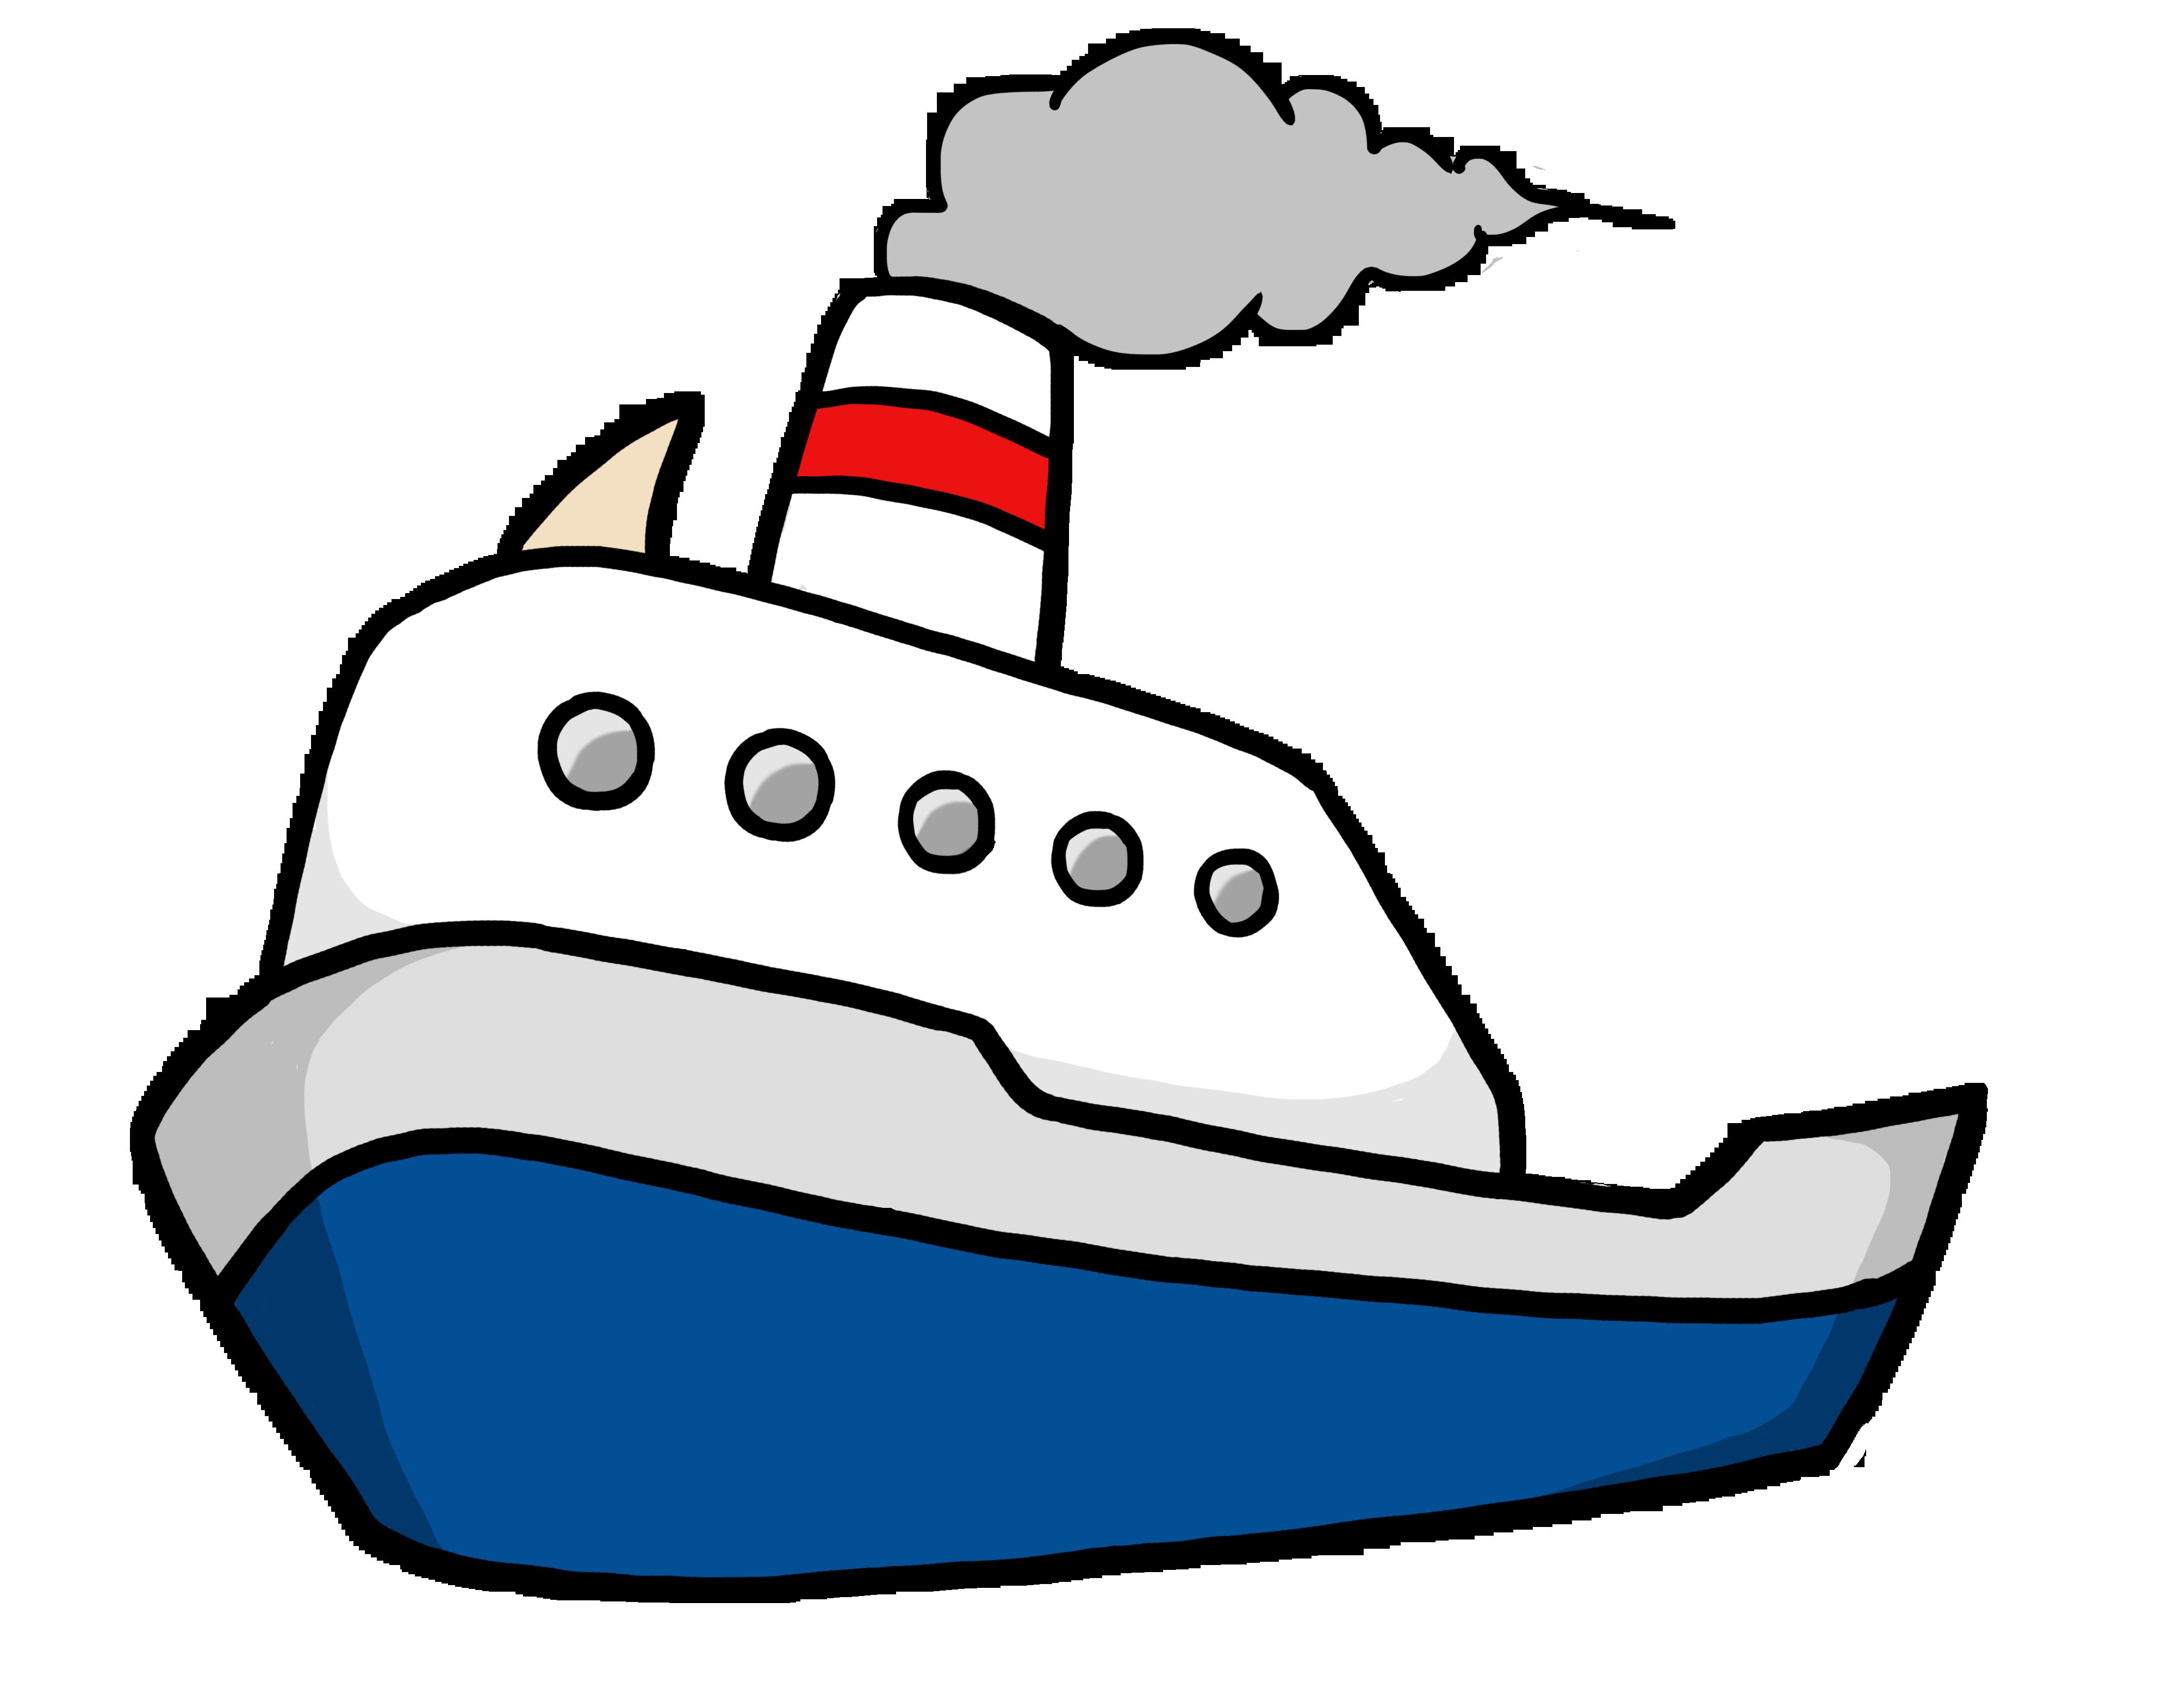 Row Boat Clipart Boat Clip Art-Row Boat Clipart Boat Clip Art-2